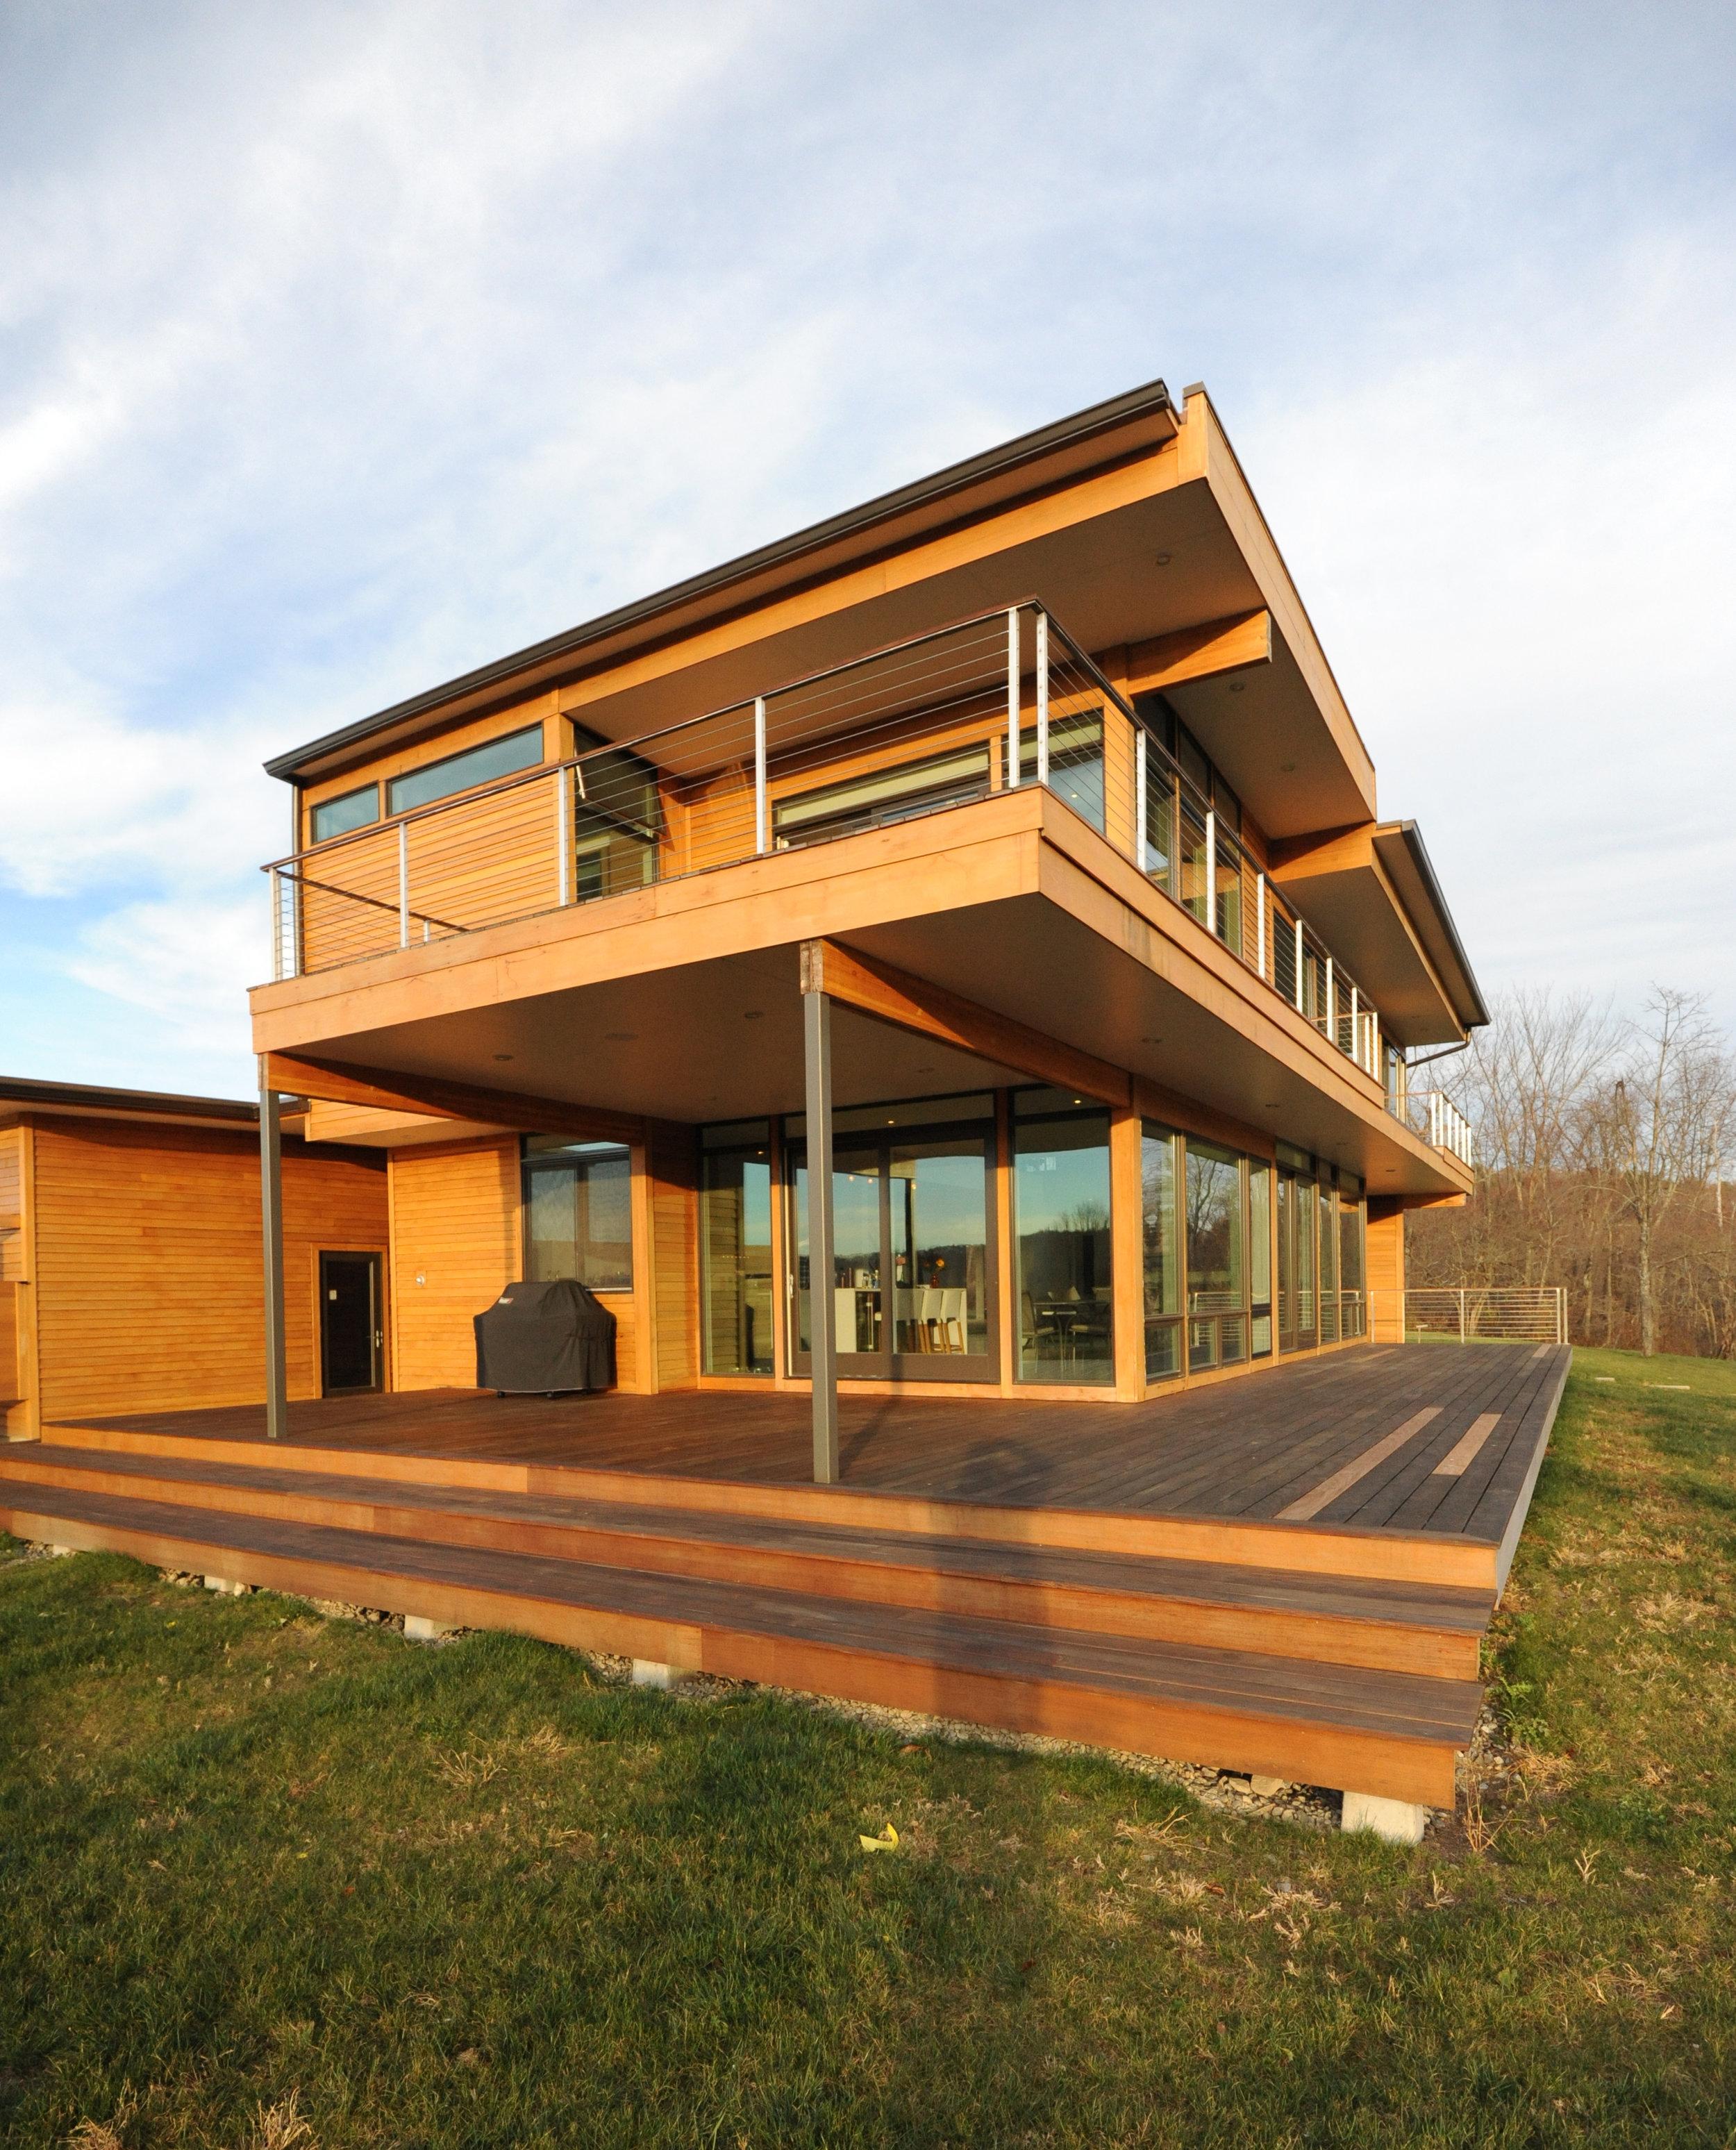 turkel_modern_design_prefab_home_writers_retreat_exterior_daytime.jpg